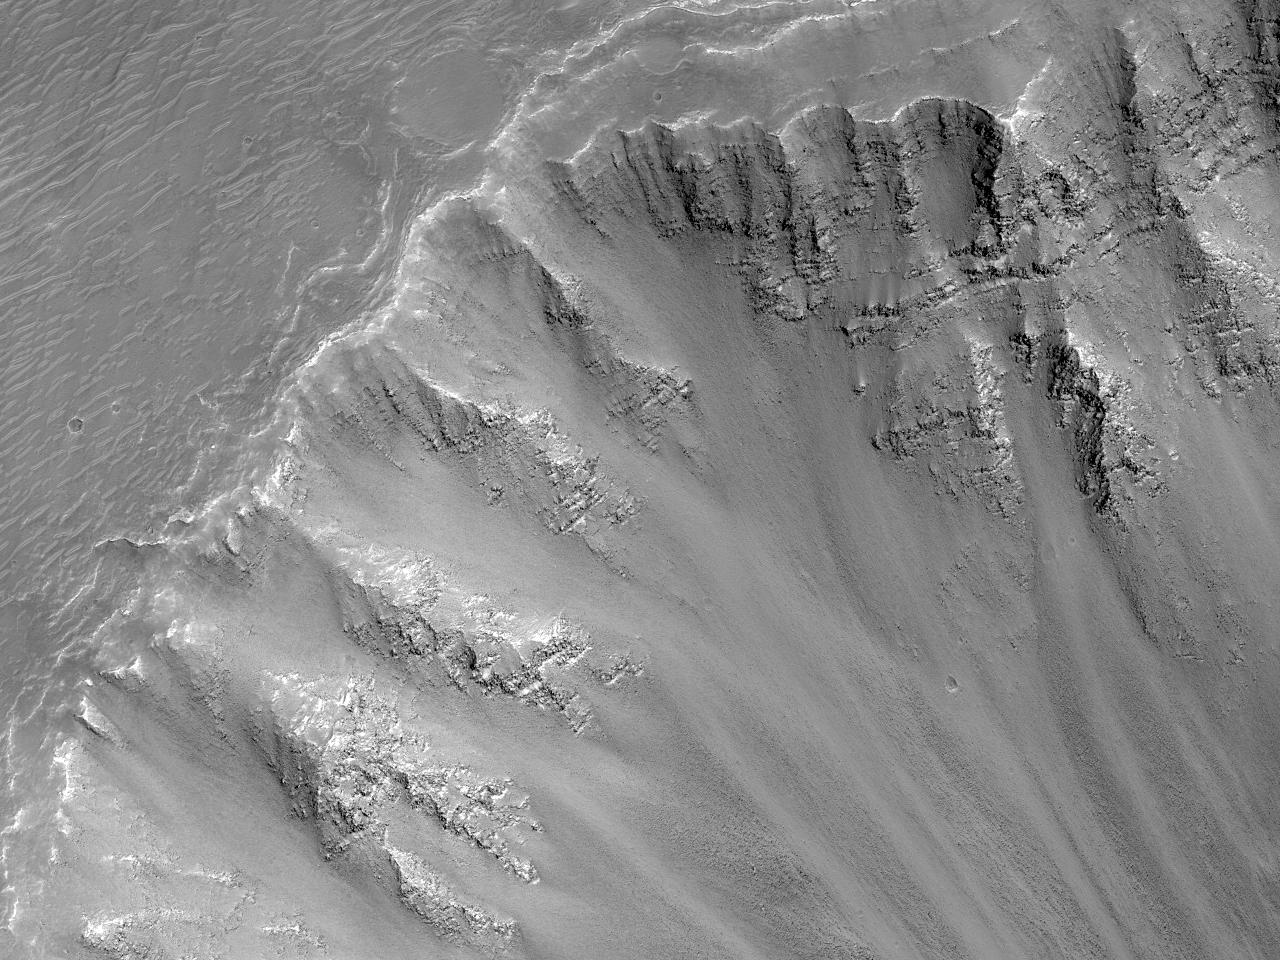 Наблюдение за склоном кратера